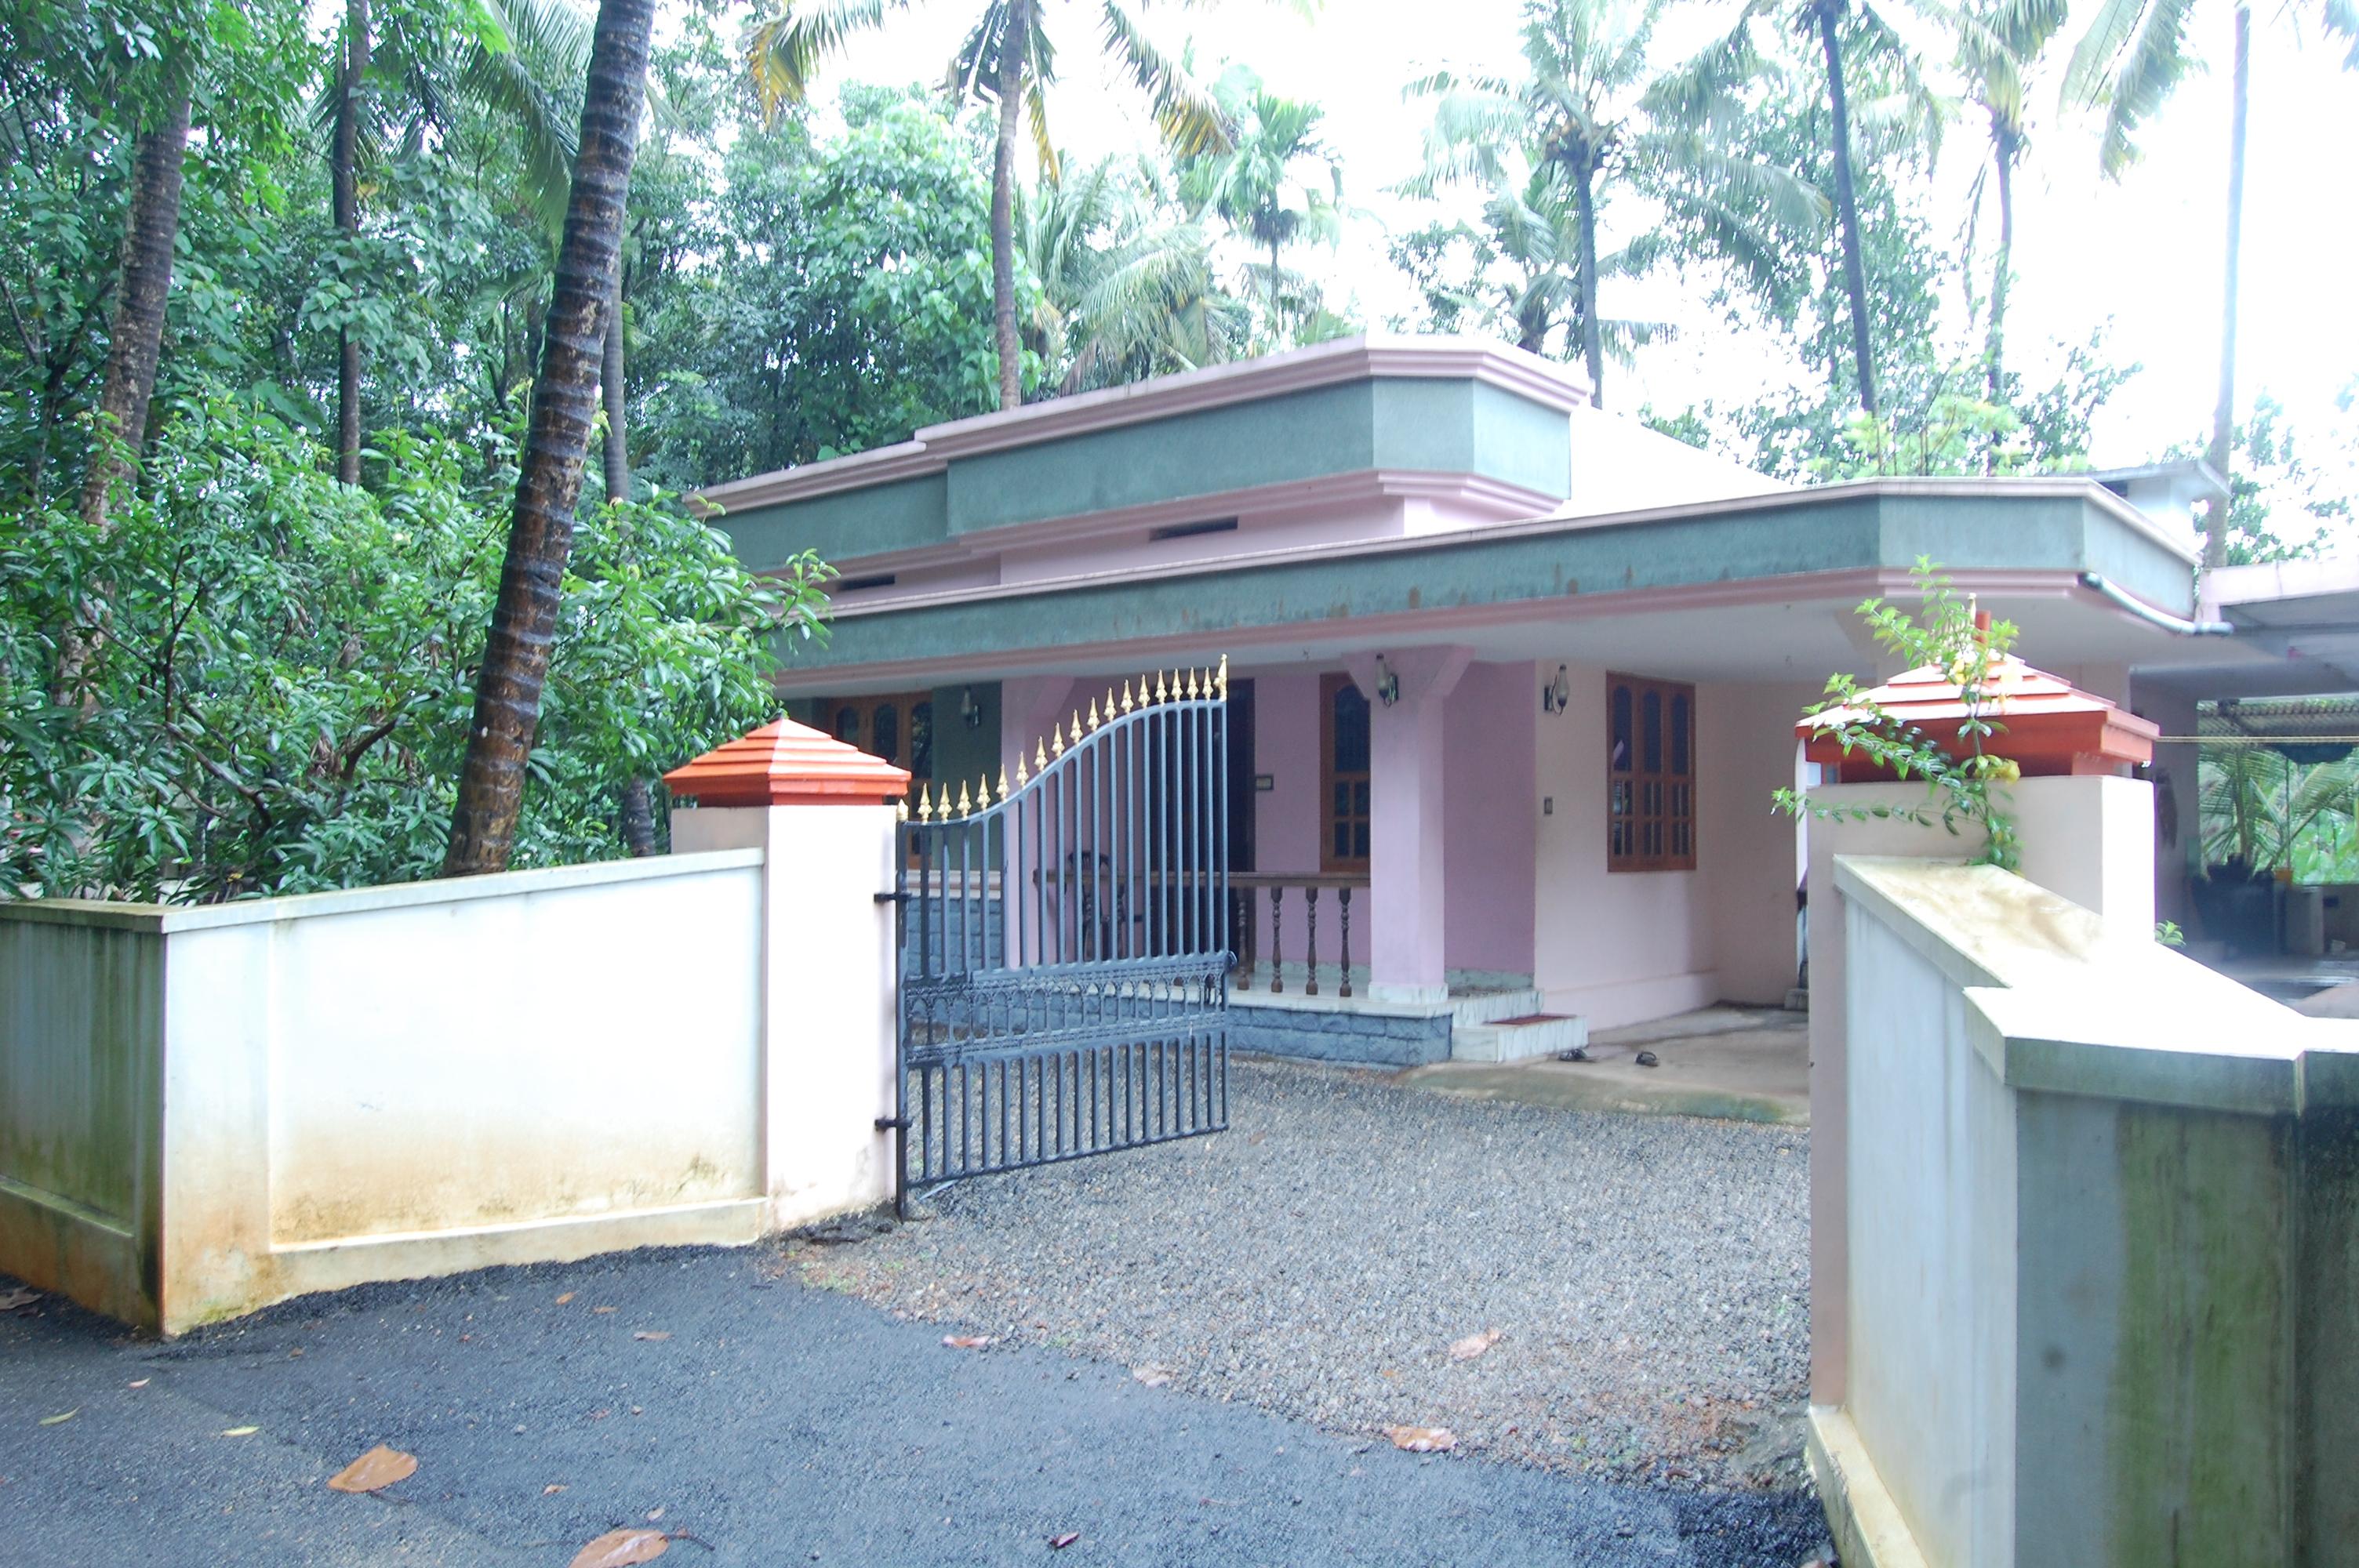 പ്രമാണം:House kerala.jpg - വിക്കിപീഡിയ